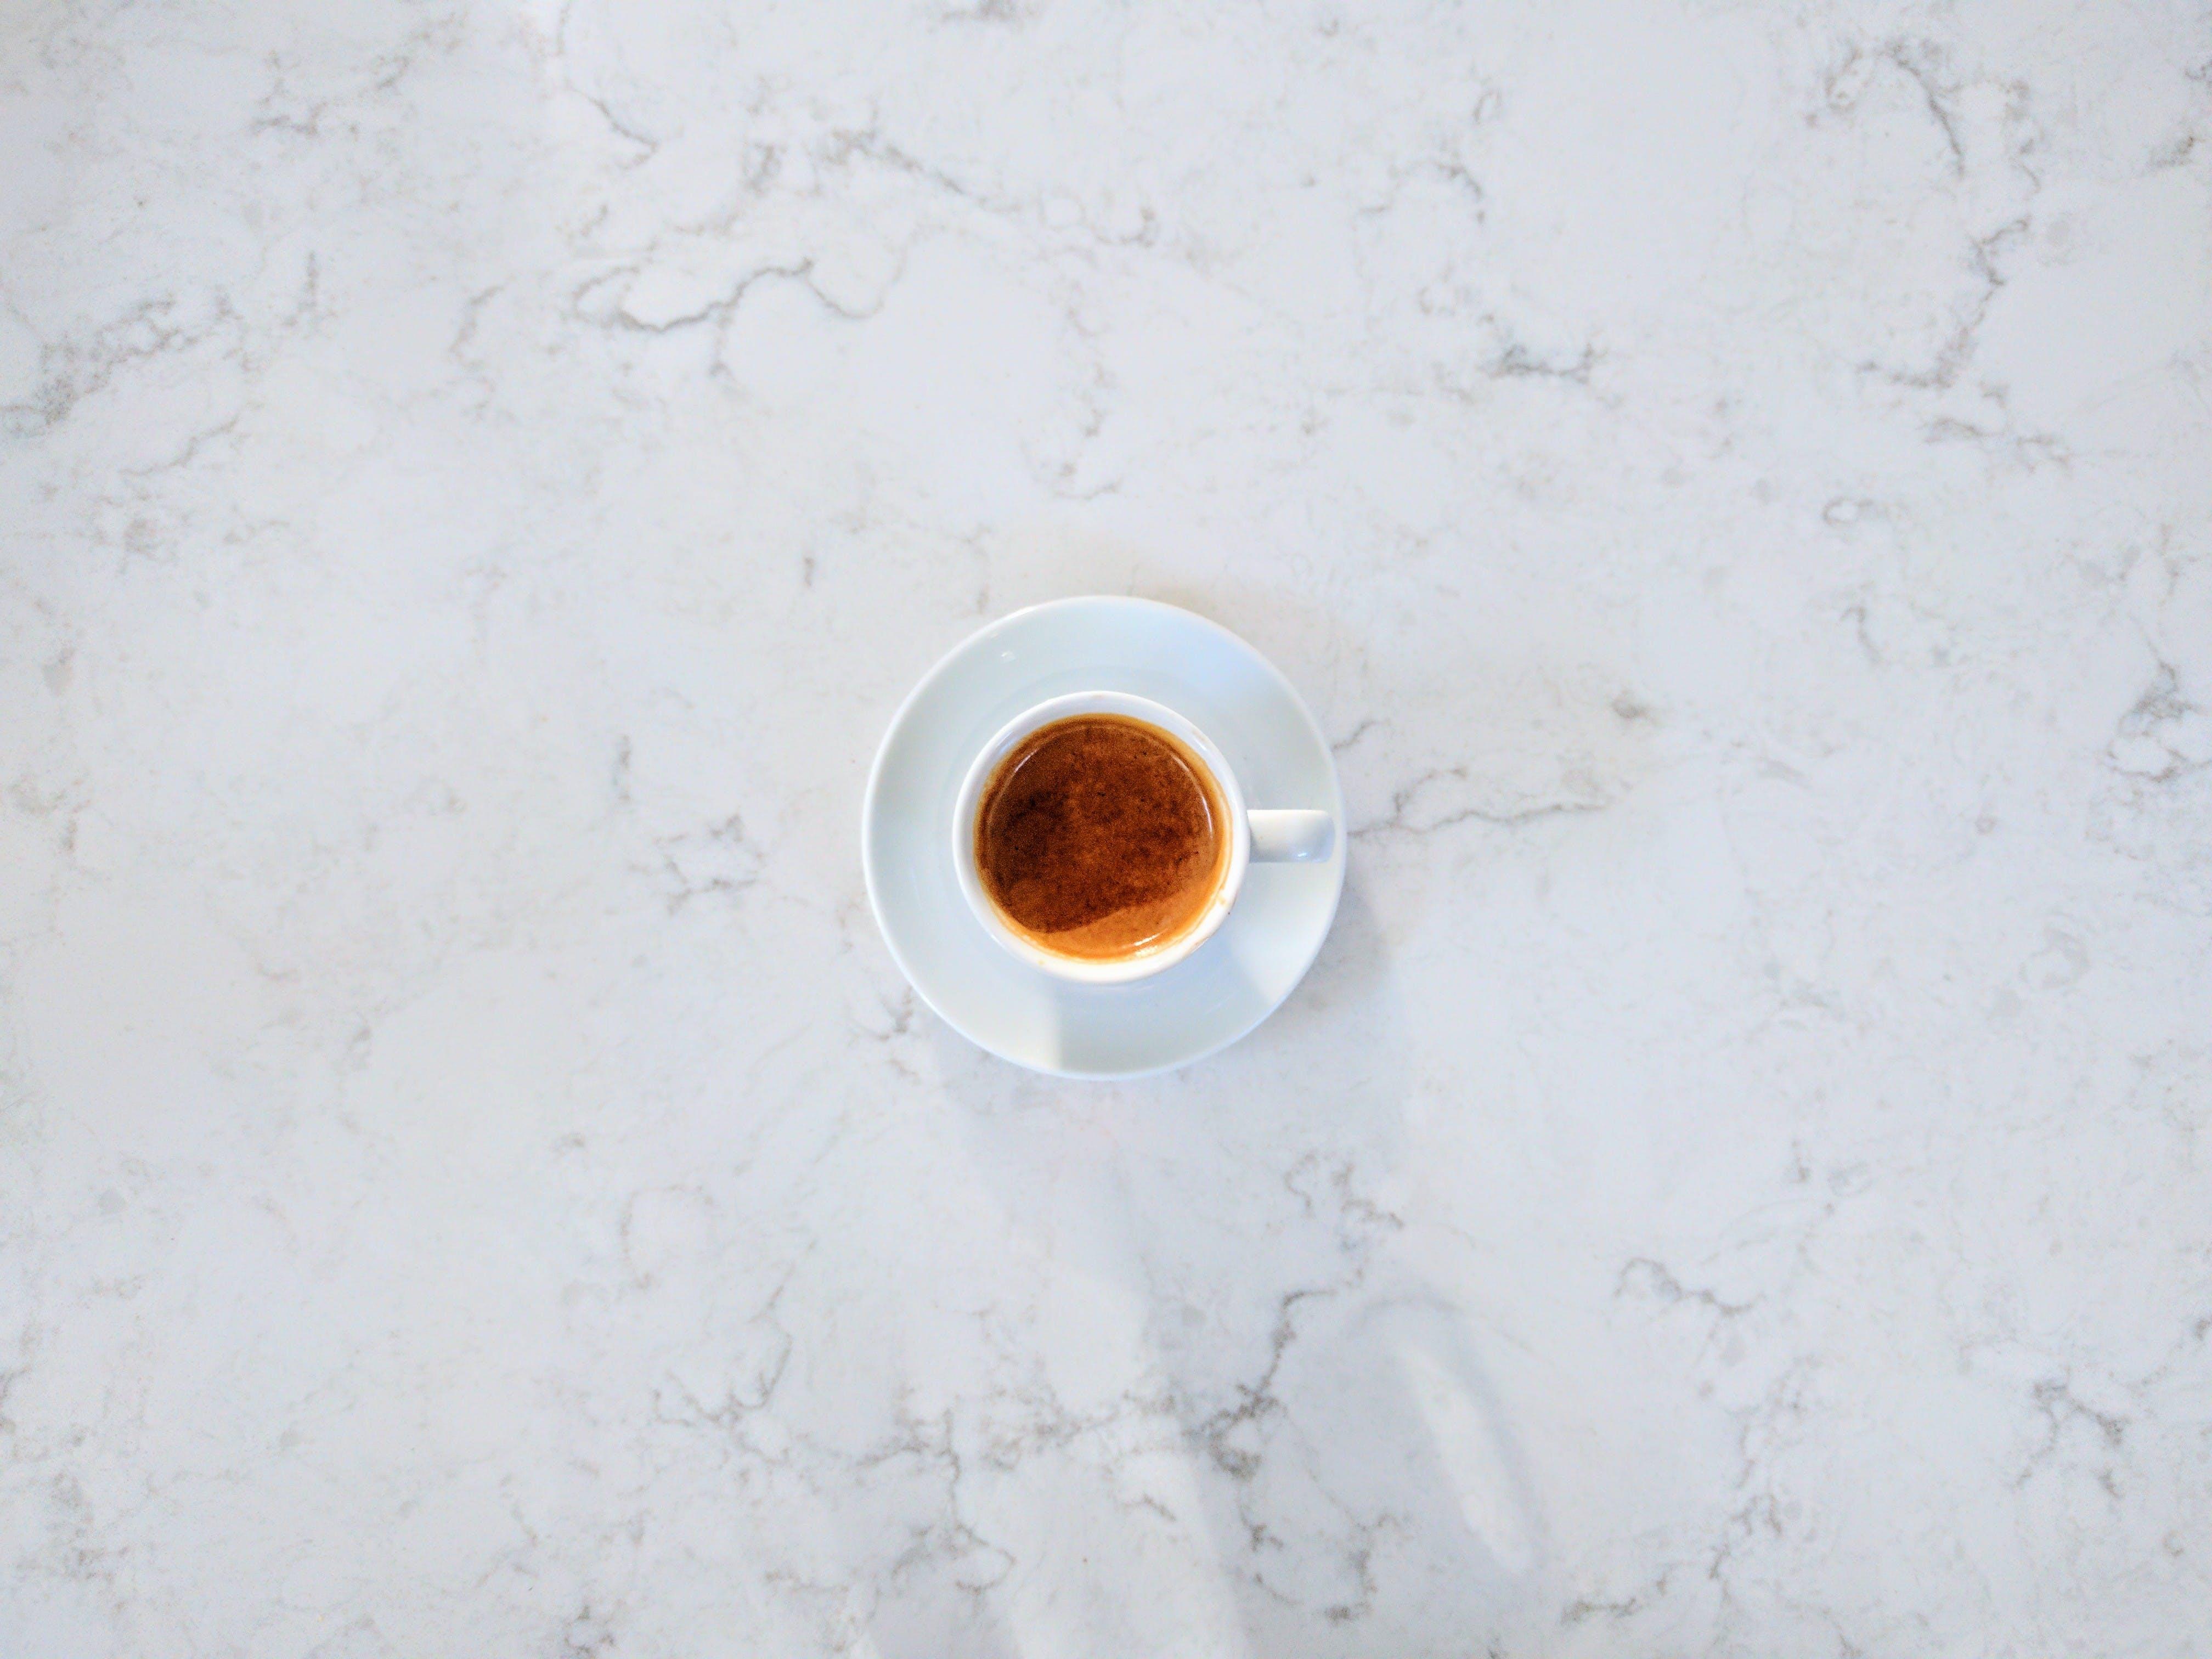 coffee, espresso, marble